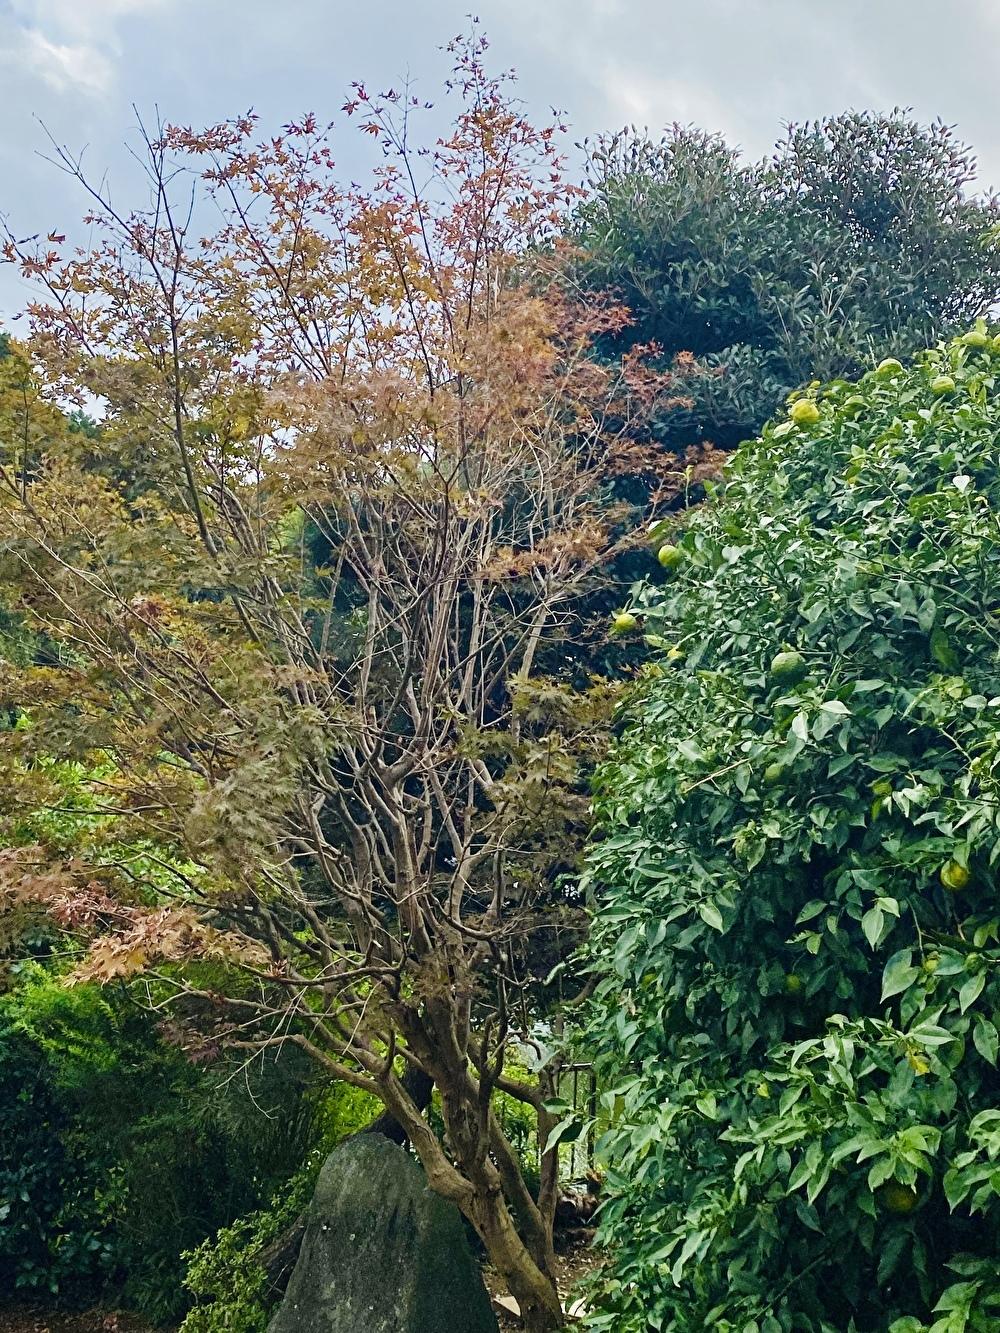 お庭の柚子の木と紅葉の木!